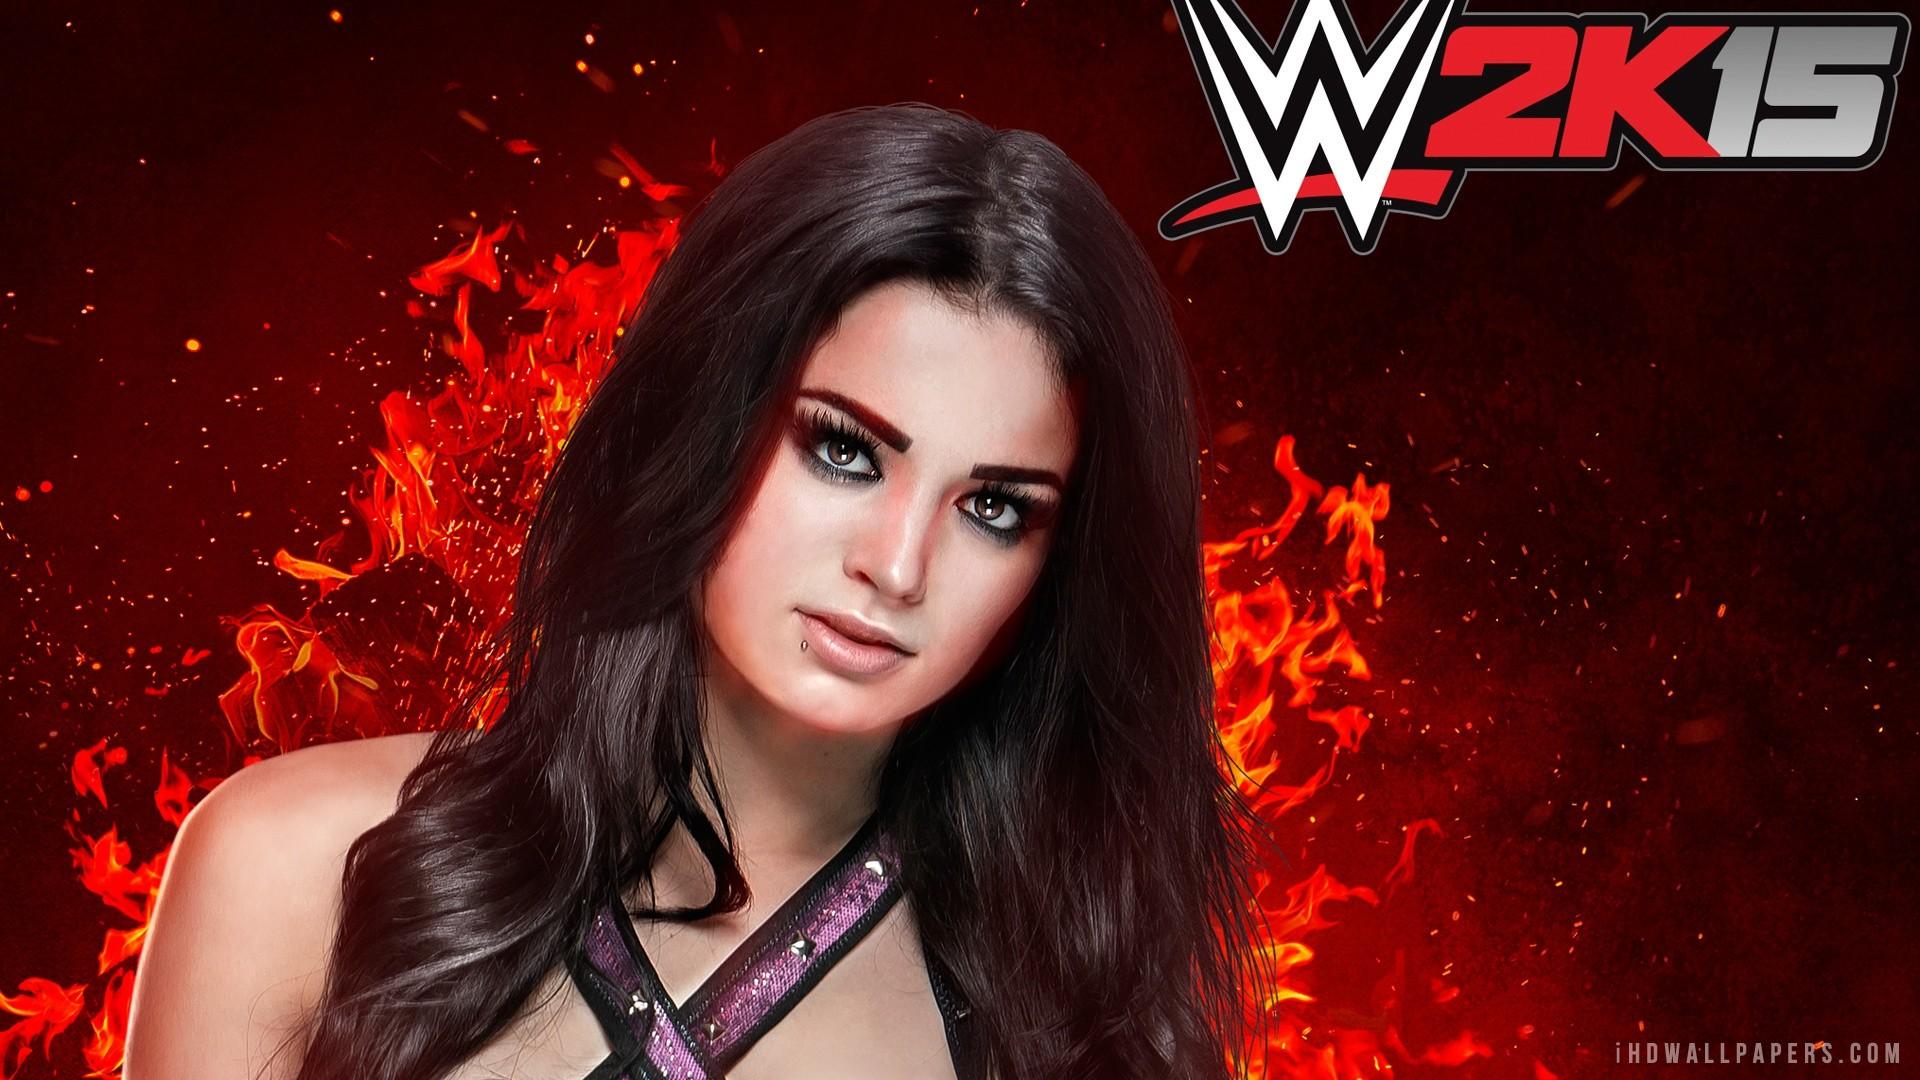 WWE 2K15 Paige HD Wallpaper – iHD Wallpapers